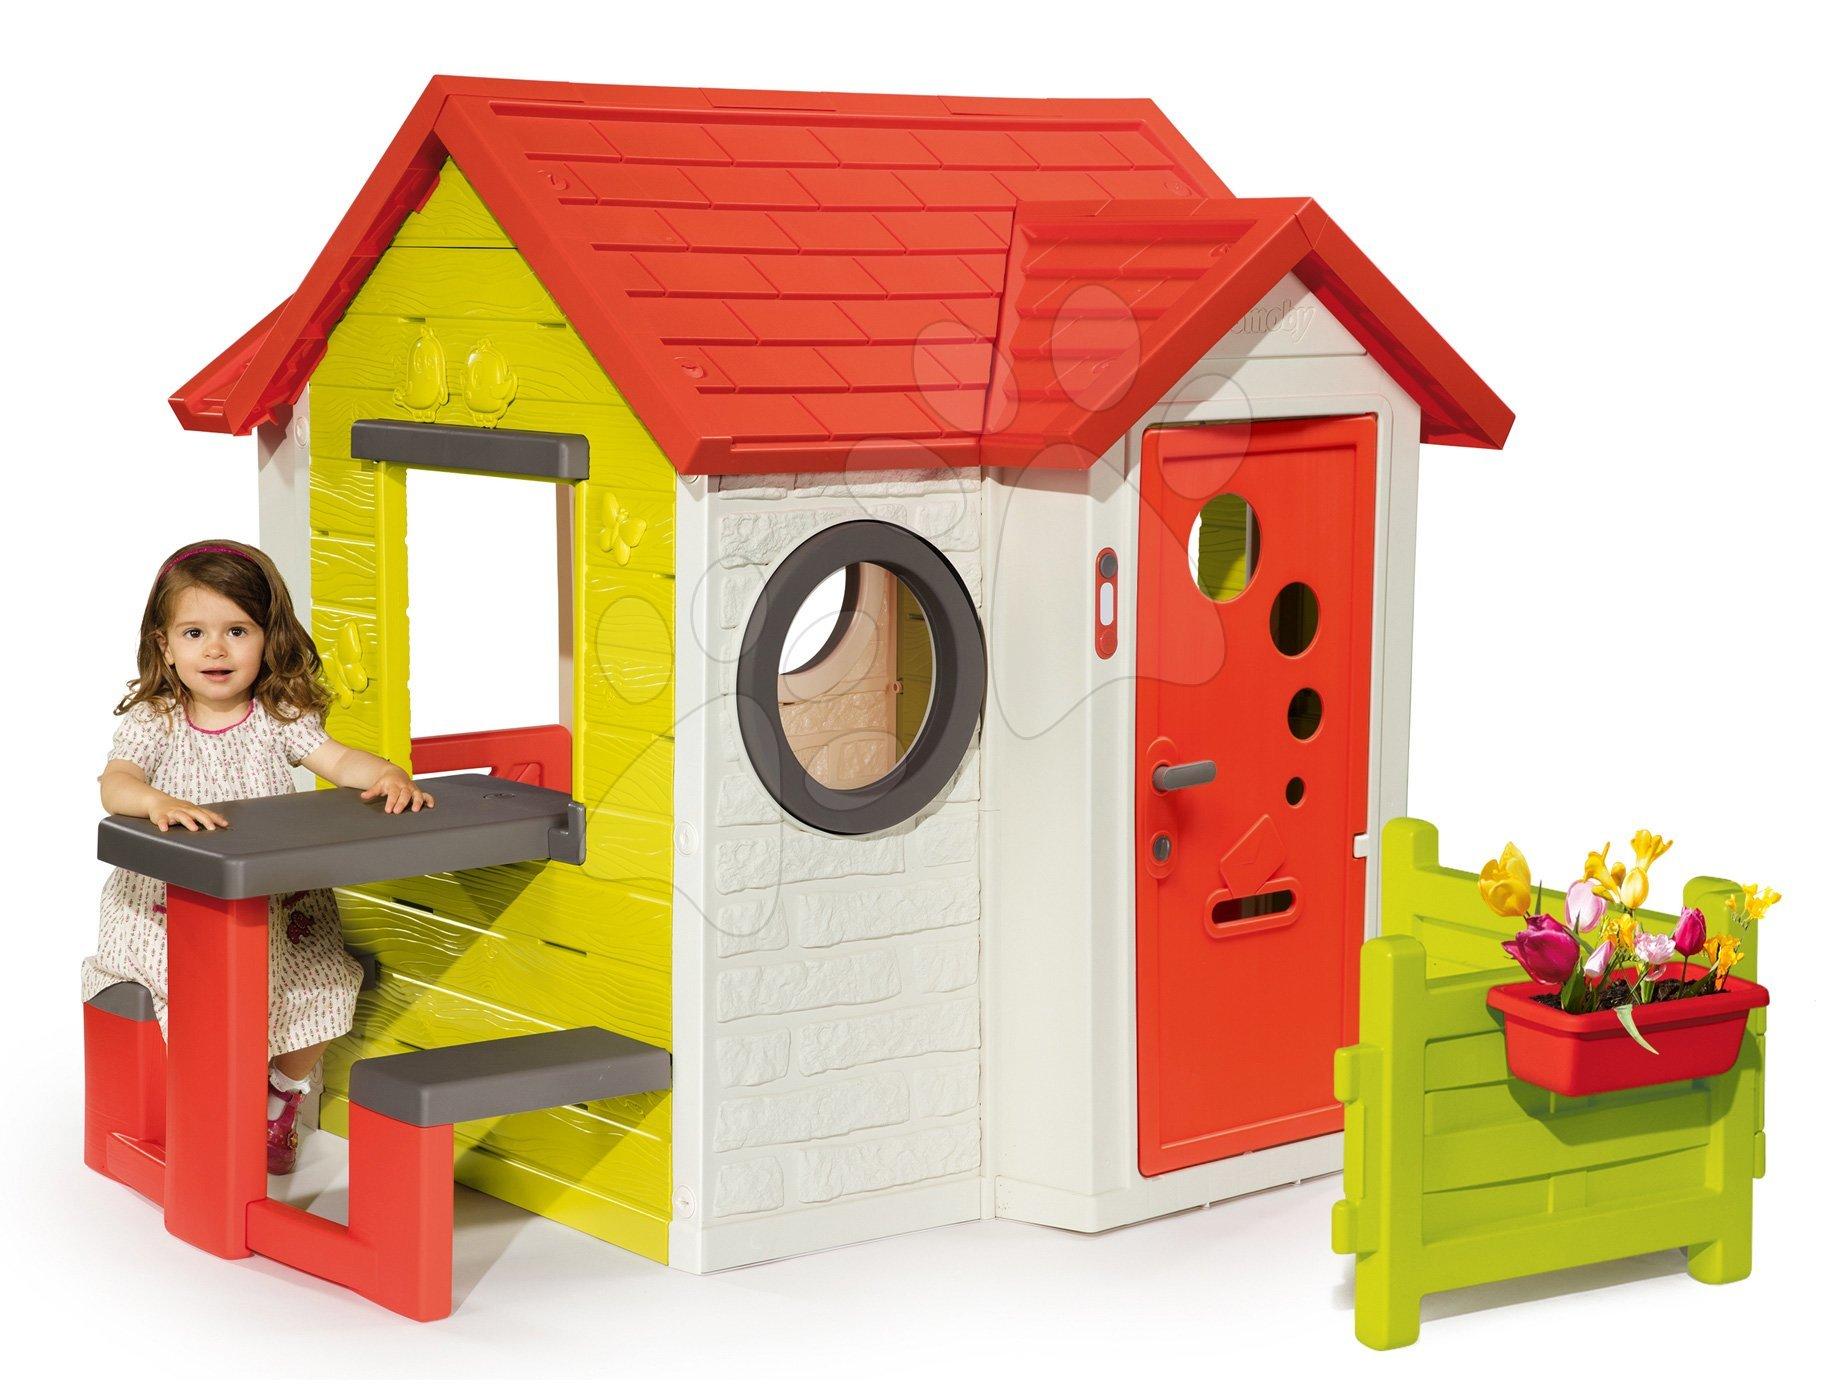 Házikó My House Smoby piknik asztallal előkerttel és teljes bejárati ajtóval